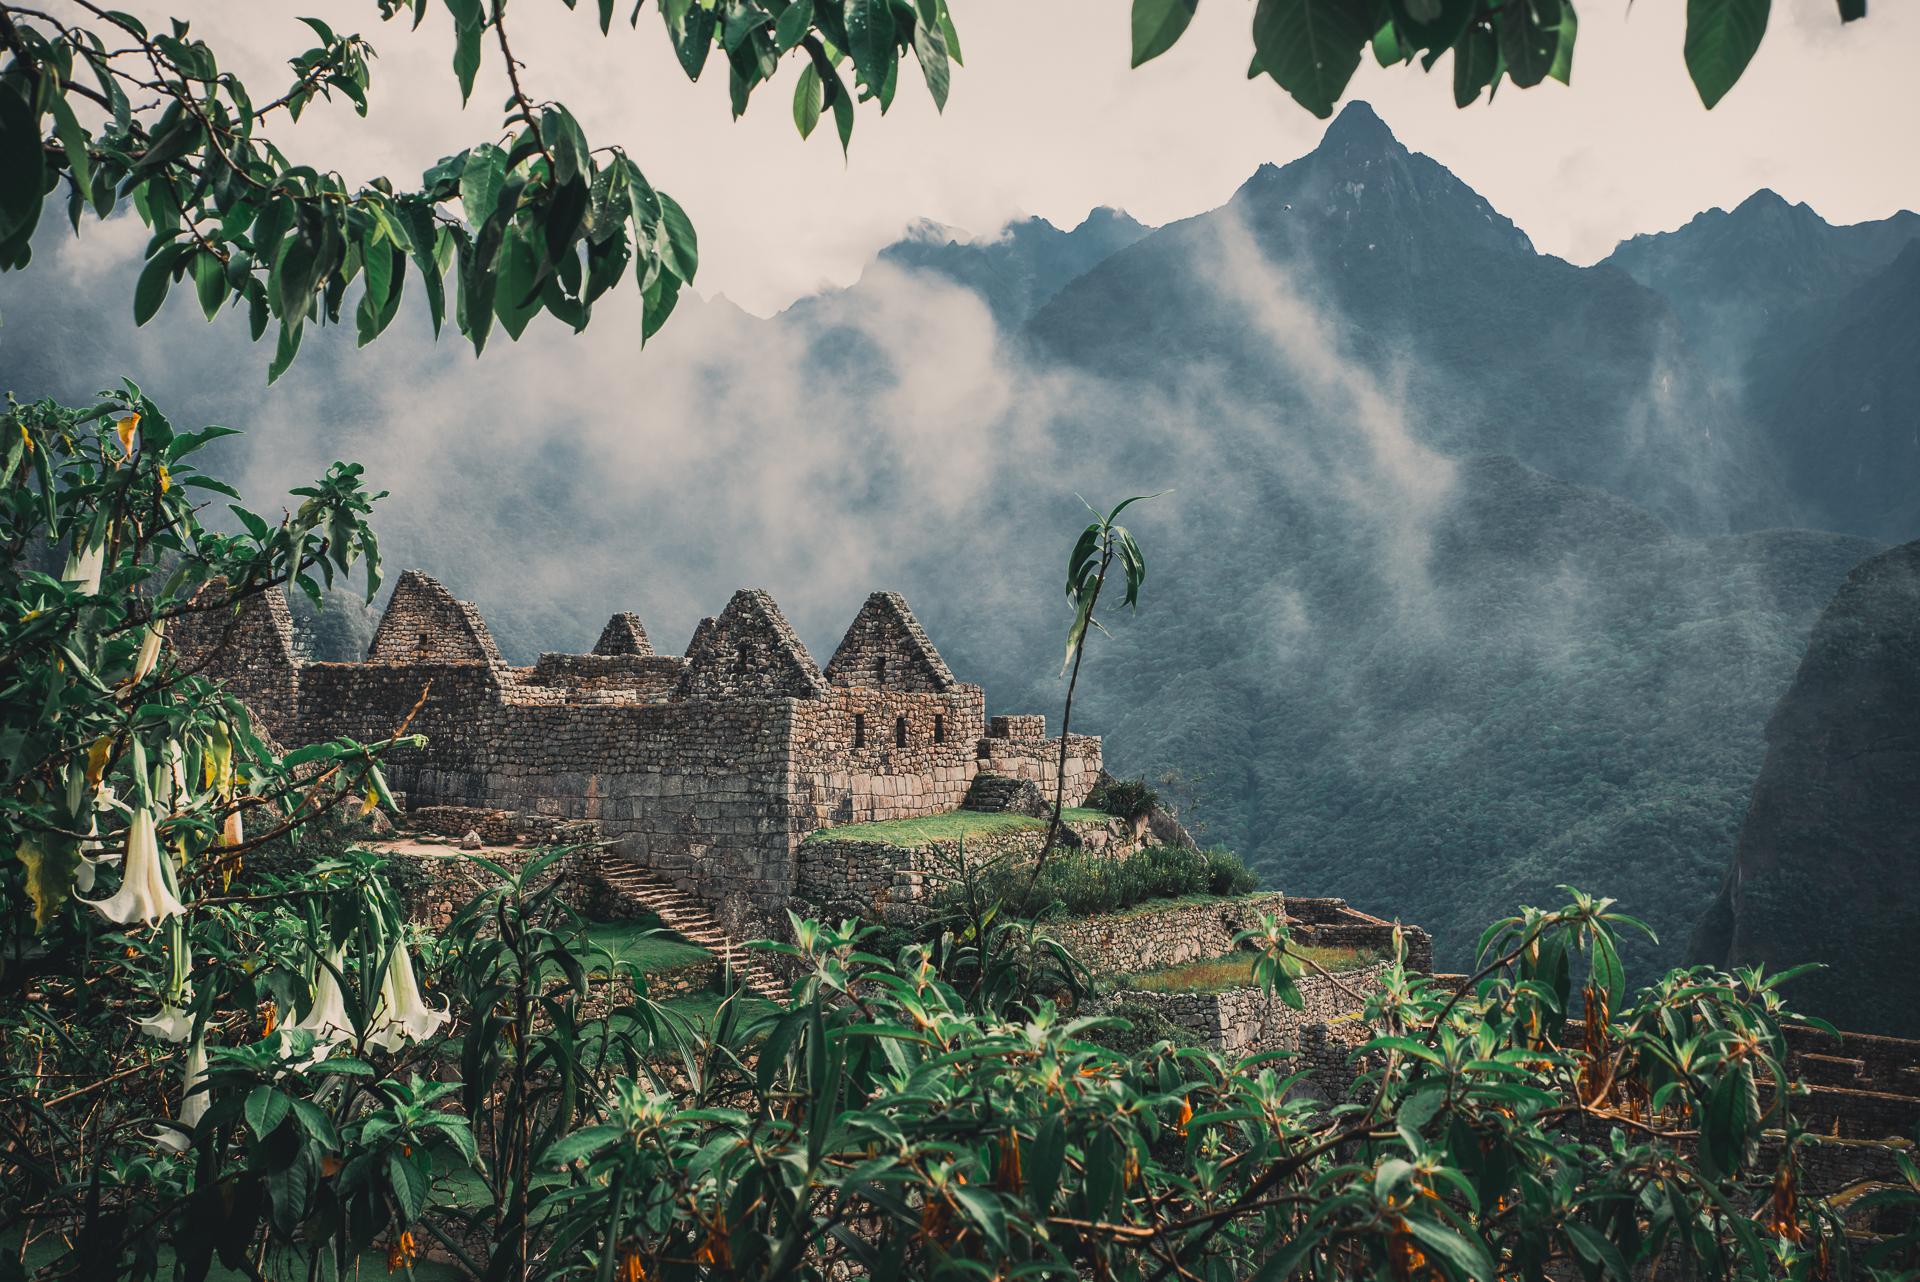 Den försvunna staden Machu Picchu - ett av världens sju underverk